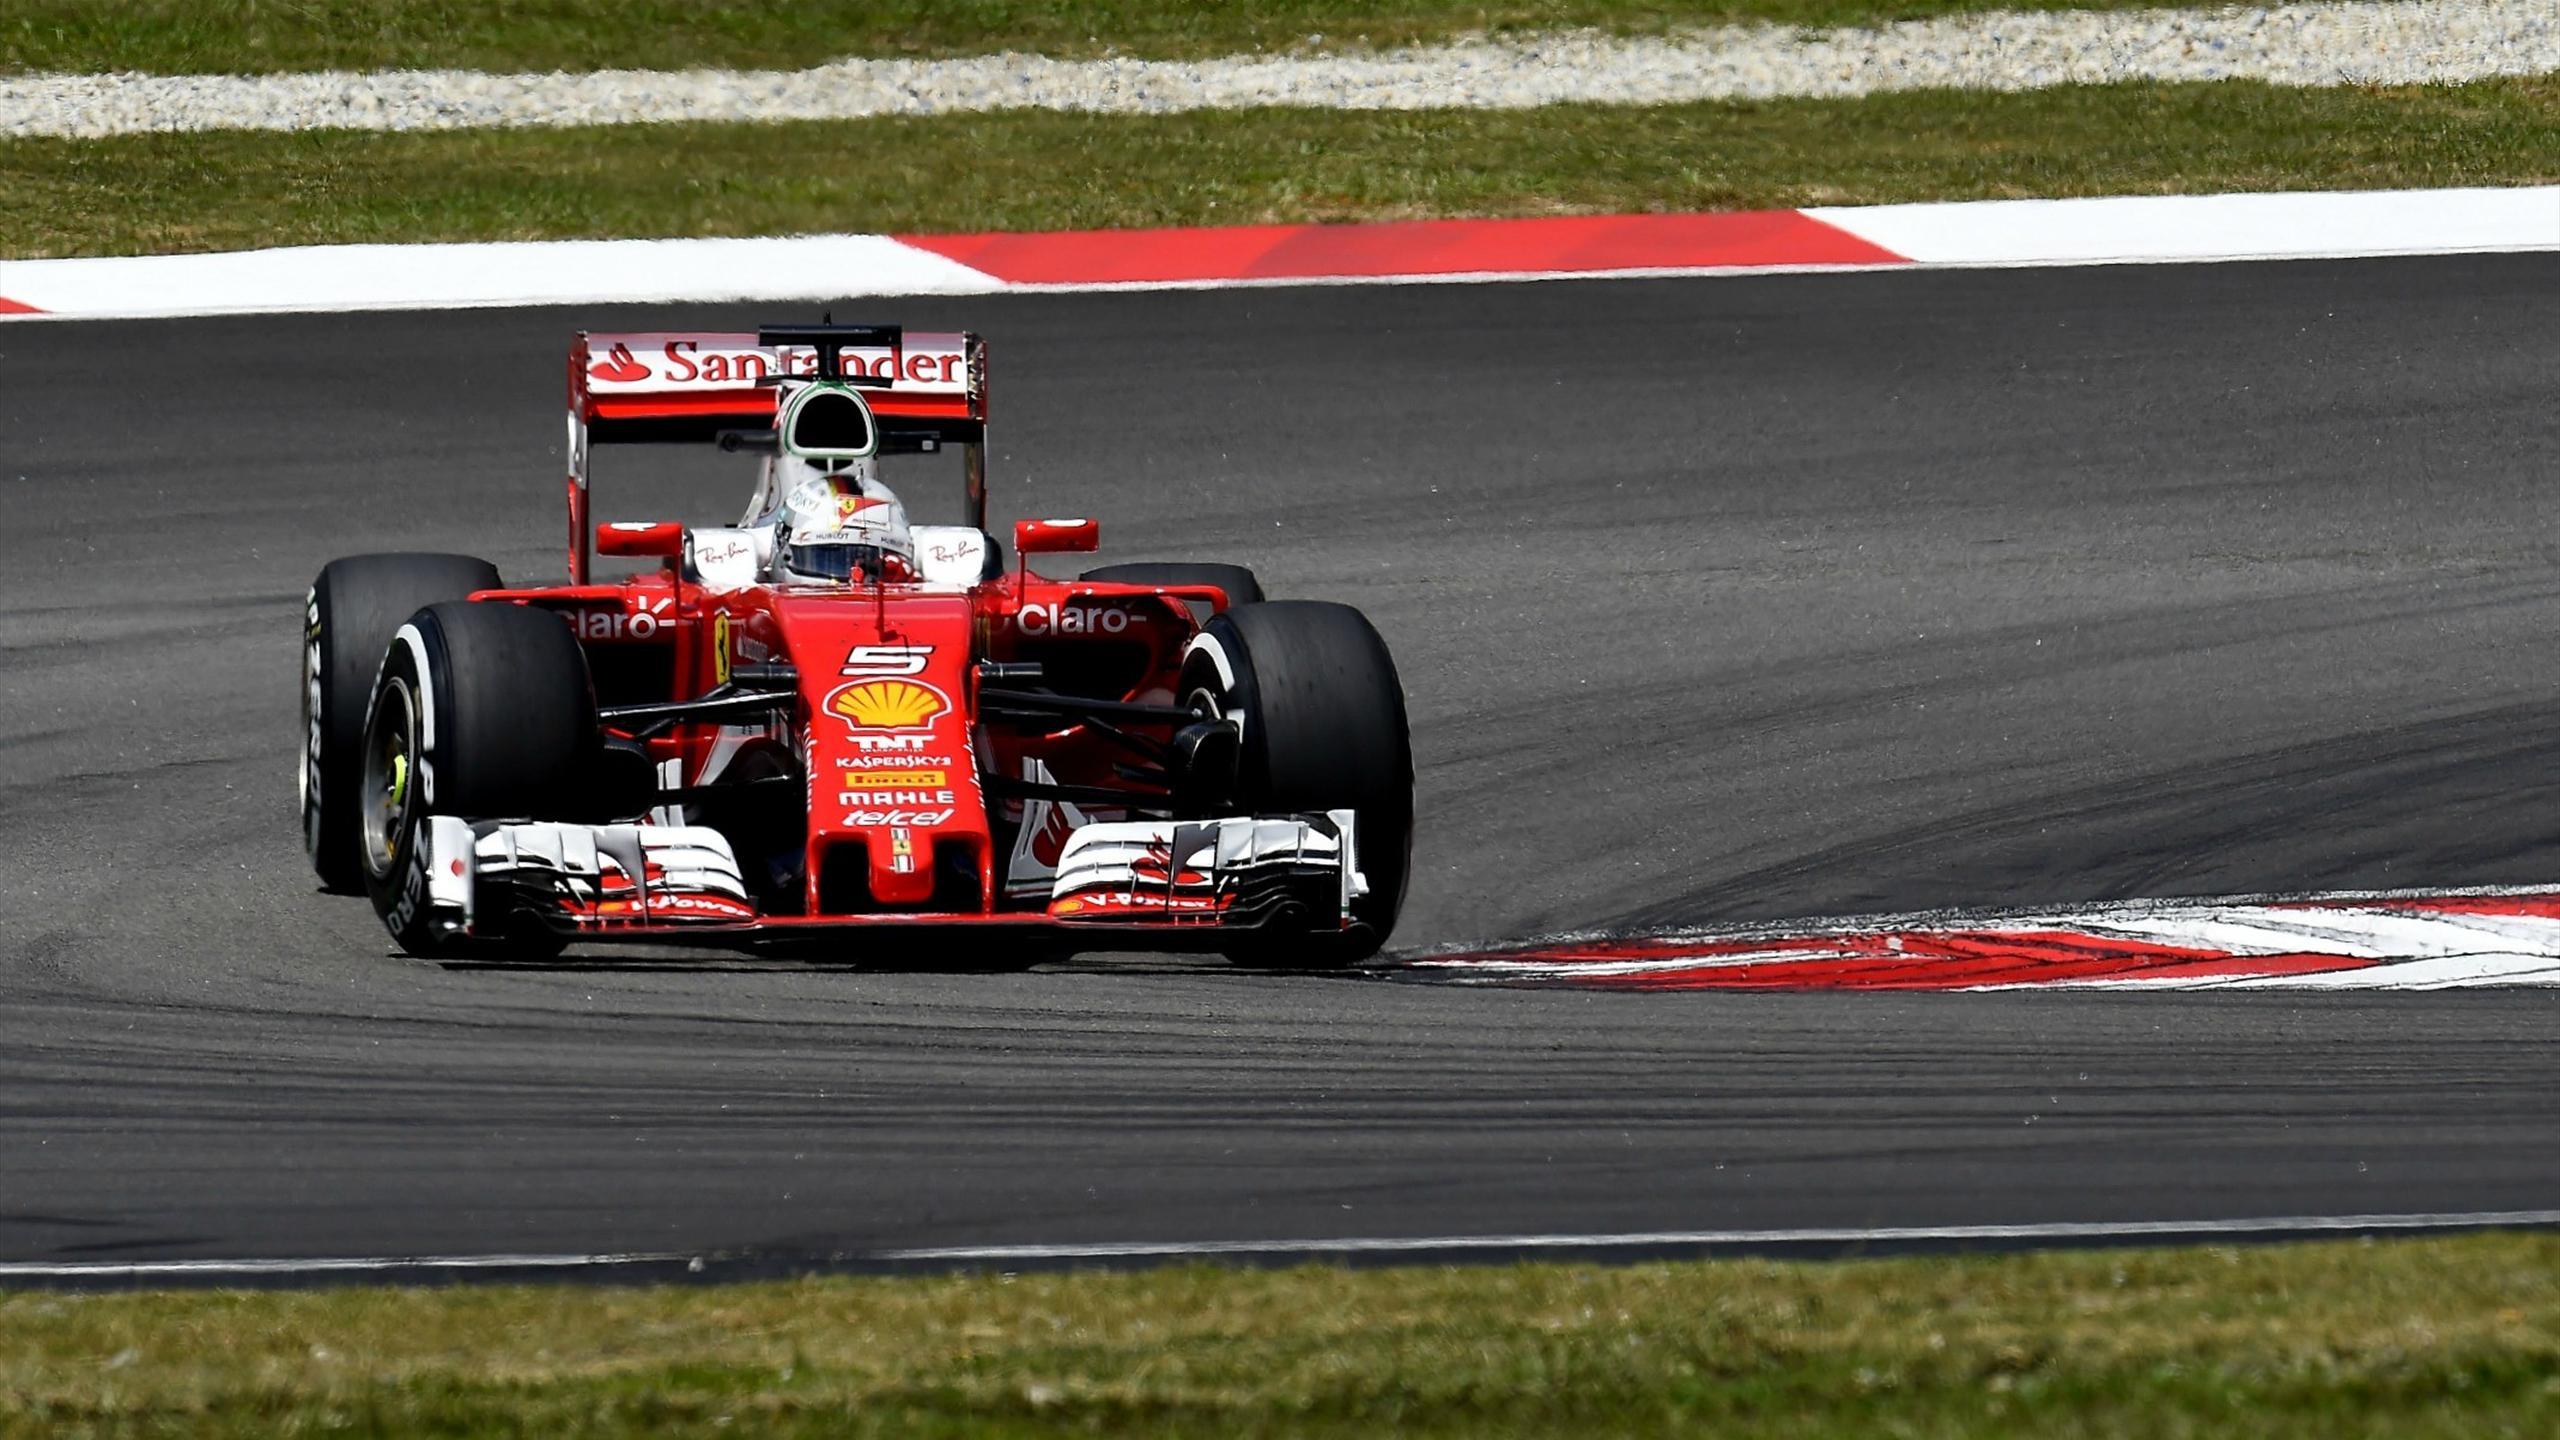 Sebastian Vettel (Ferrari) au Grand Prix de Malaisie 2016